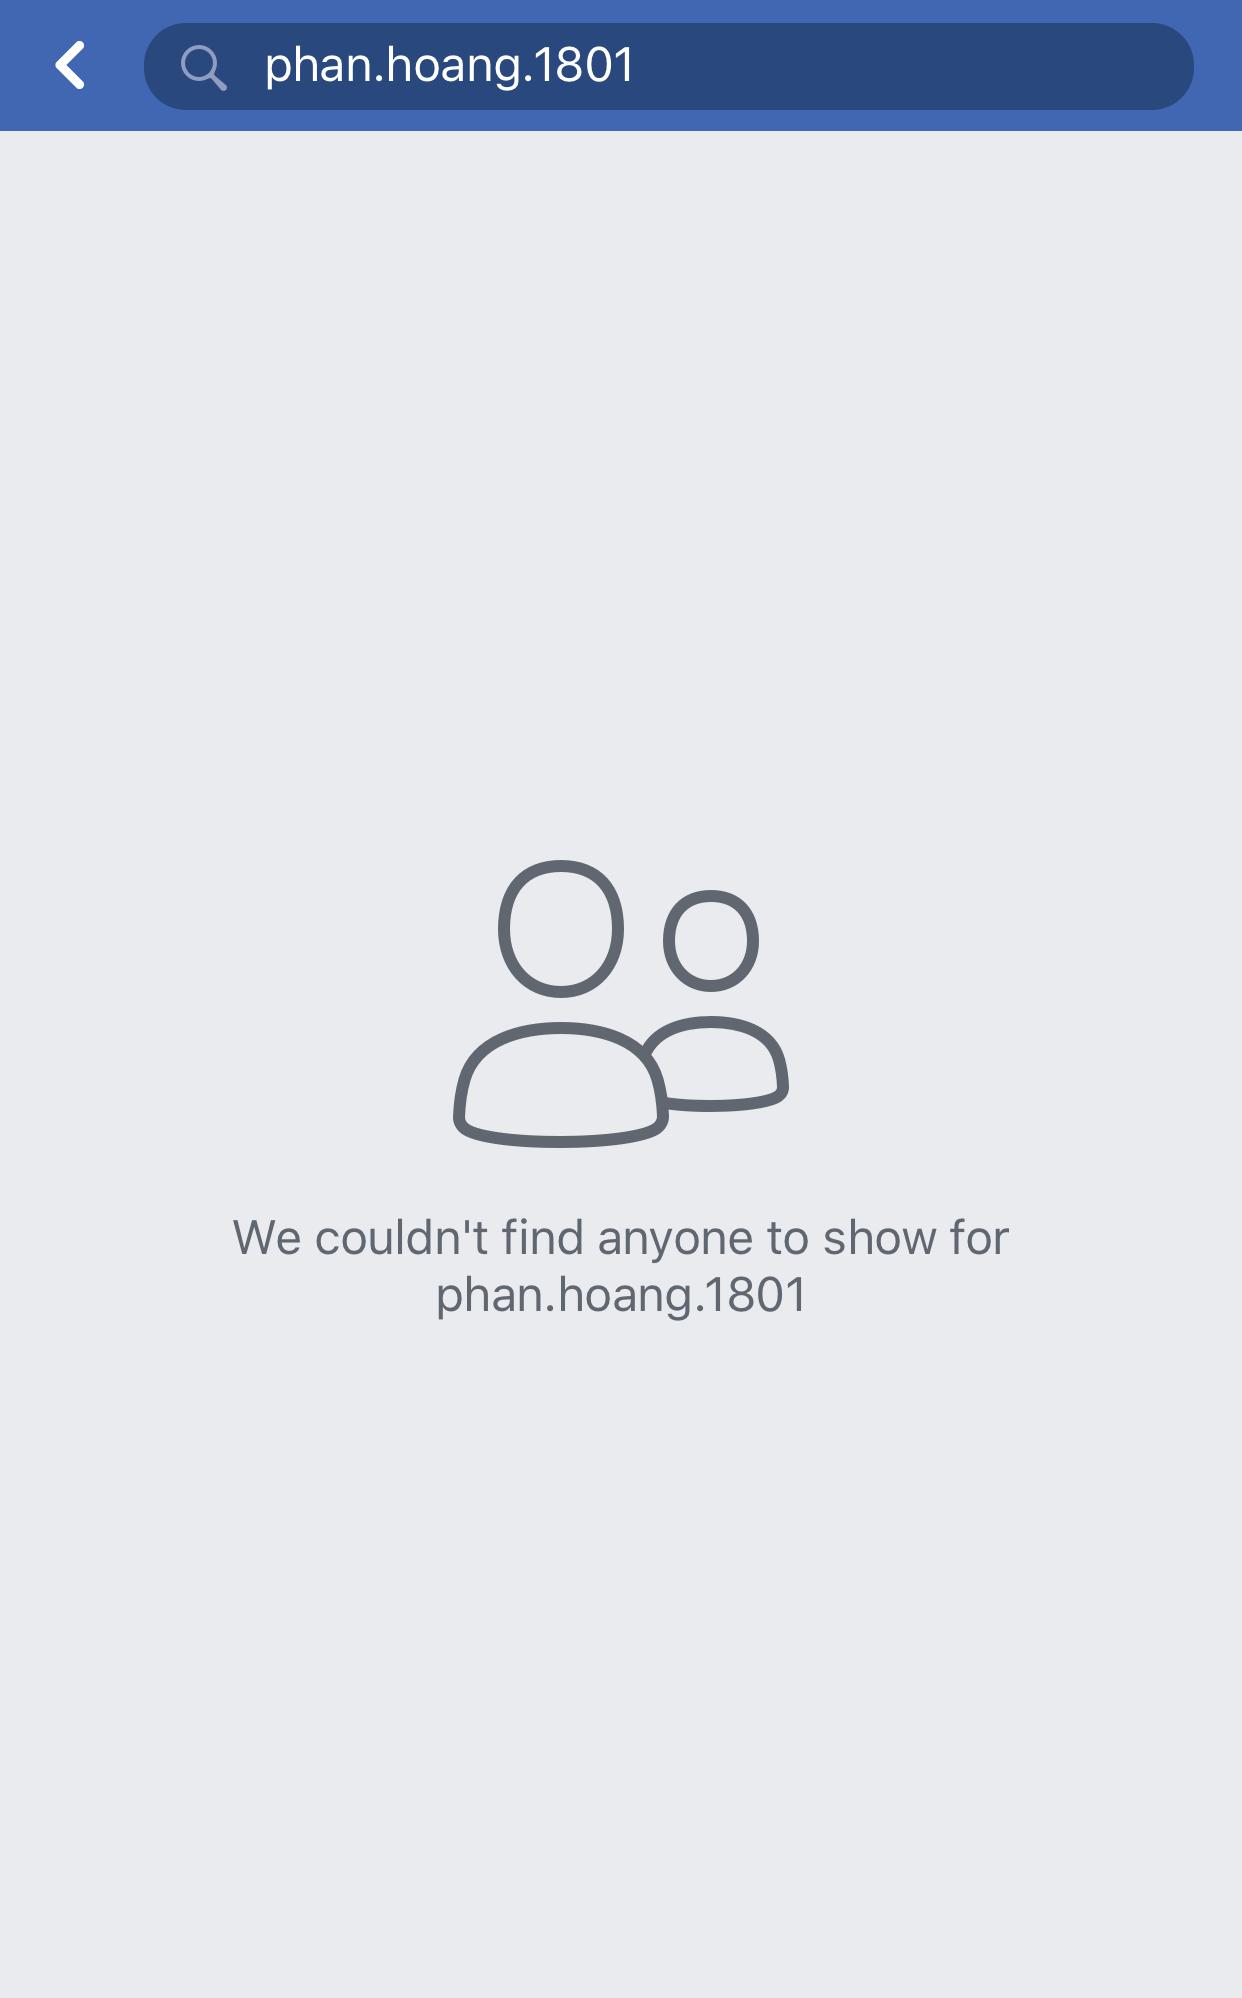 Giữa nghi vấn chia tay, Phan Hoàng liên tục đăng stories buồn bã, tự nhận mình bị rối loạn cảm xúc - Ảnh 4.